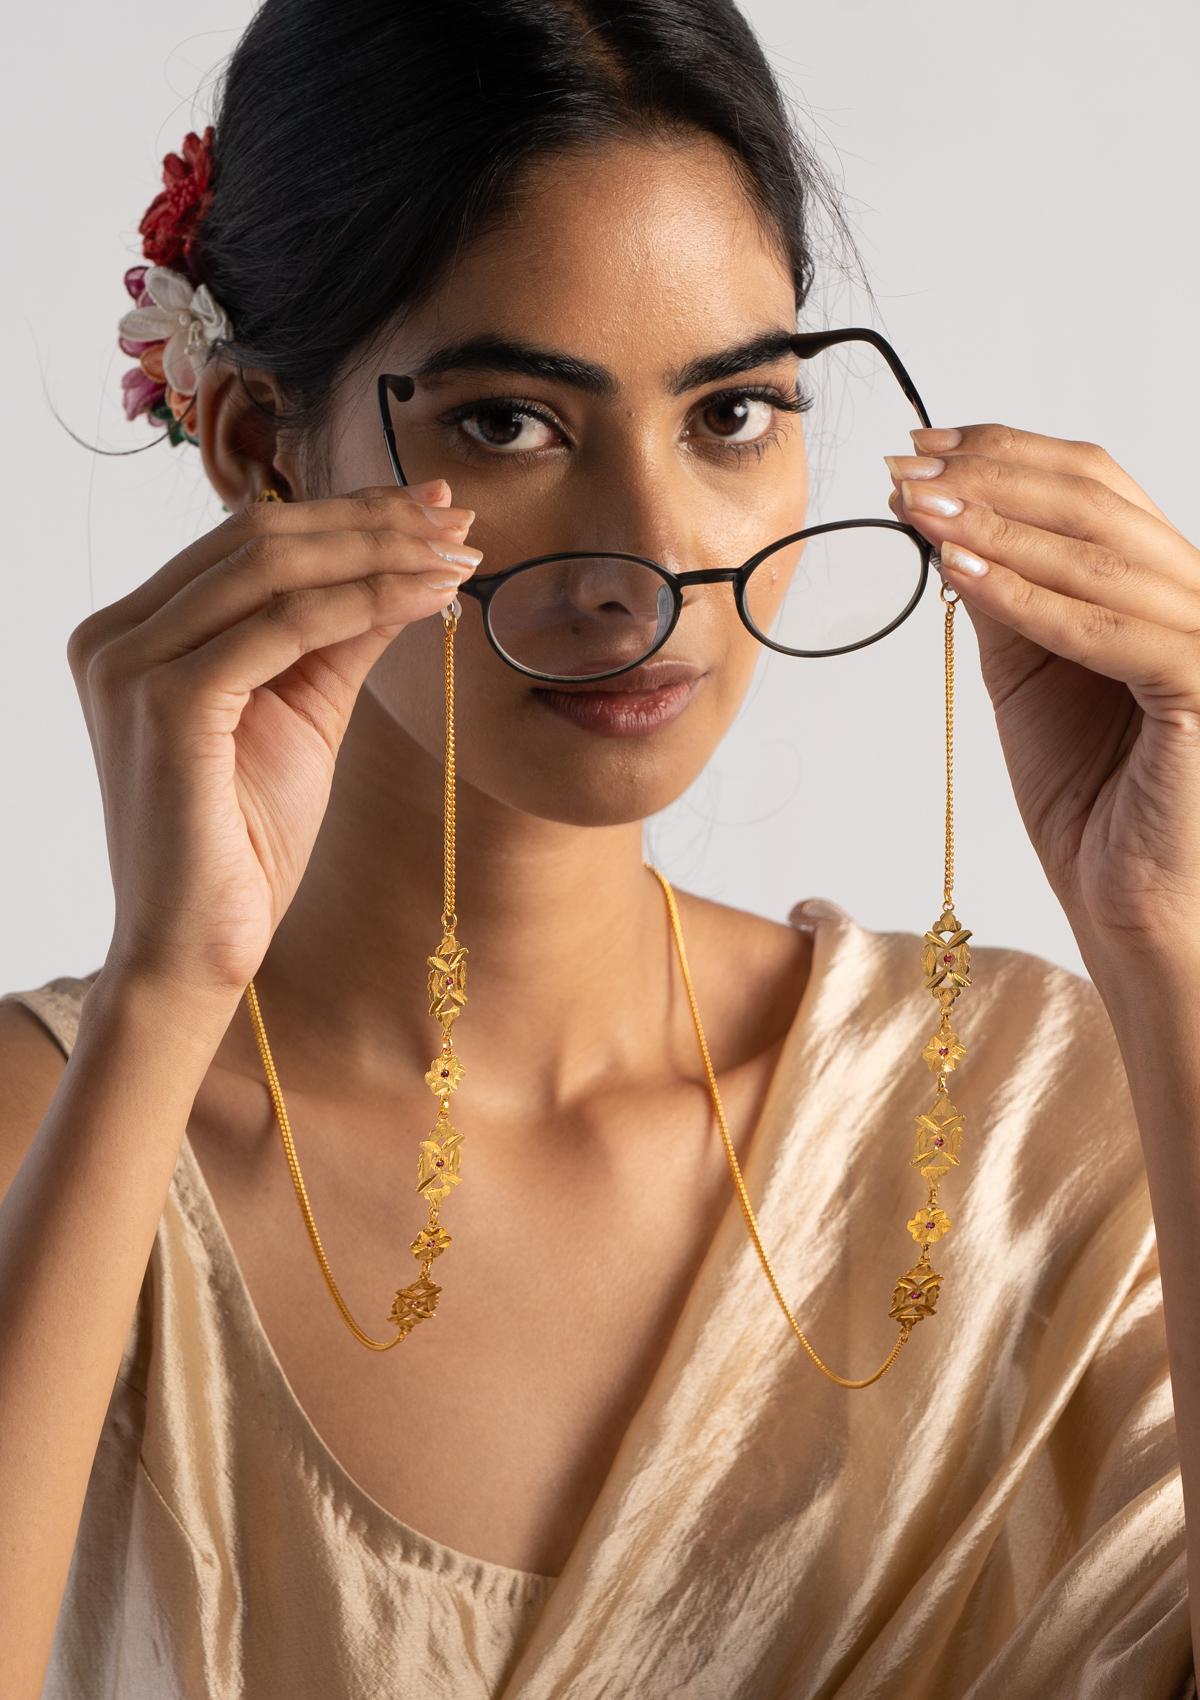 Jumari Gold Tone Silver Eyewear Chain